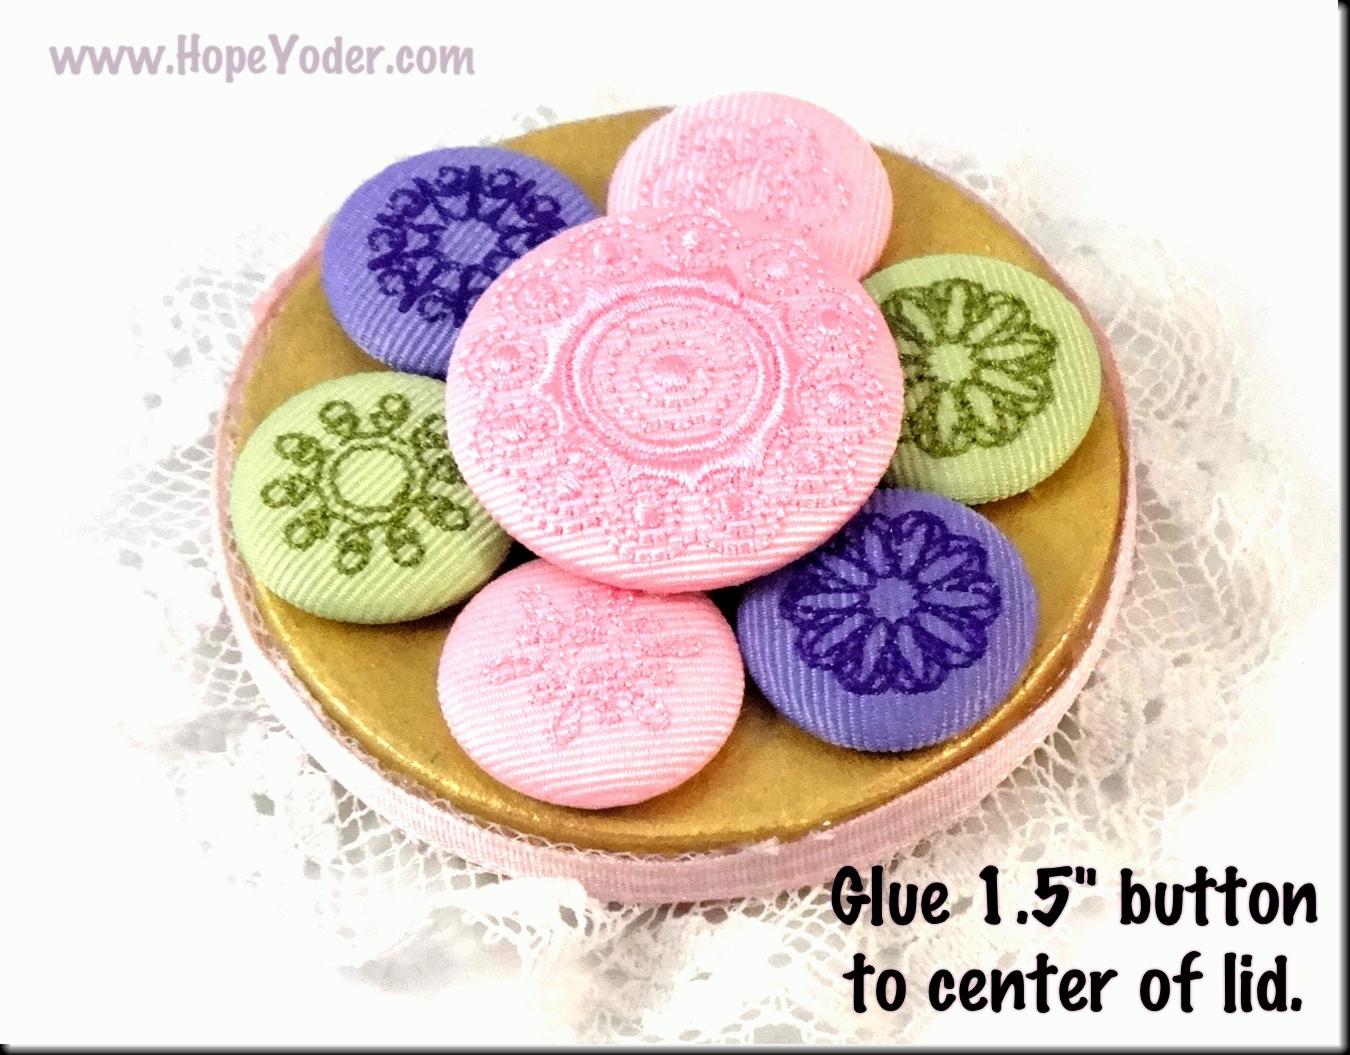 yoder button machine